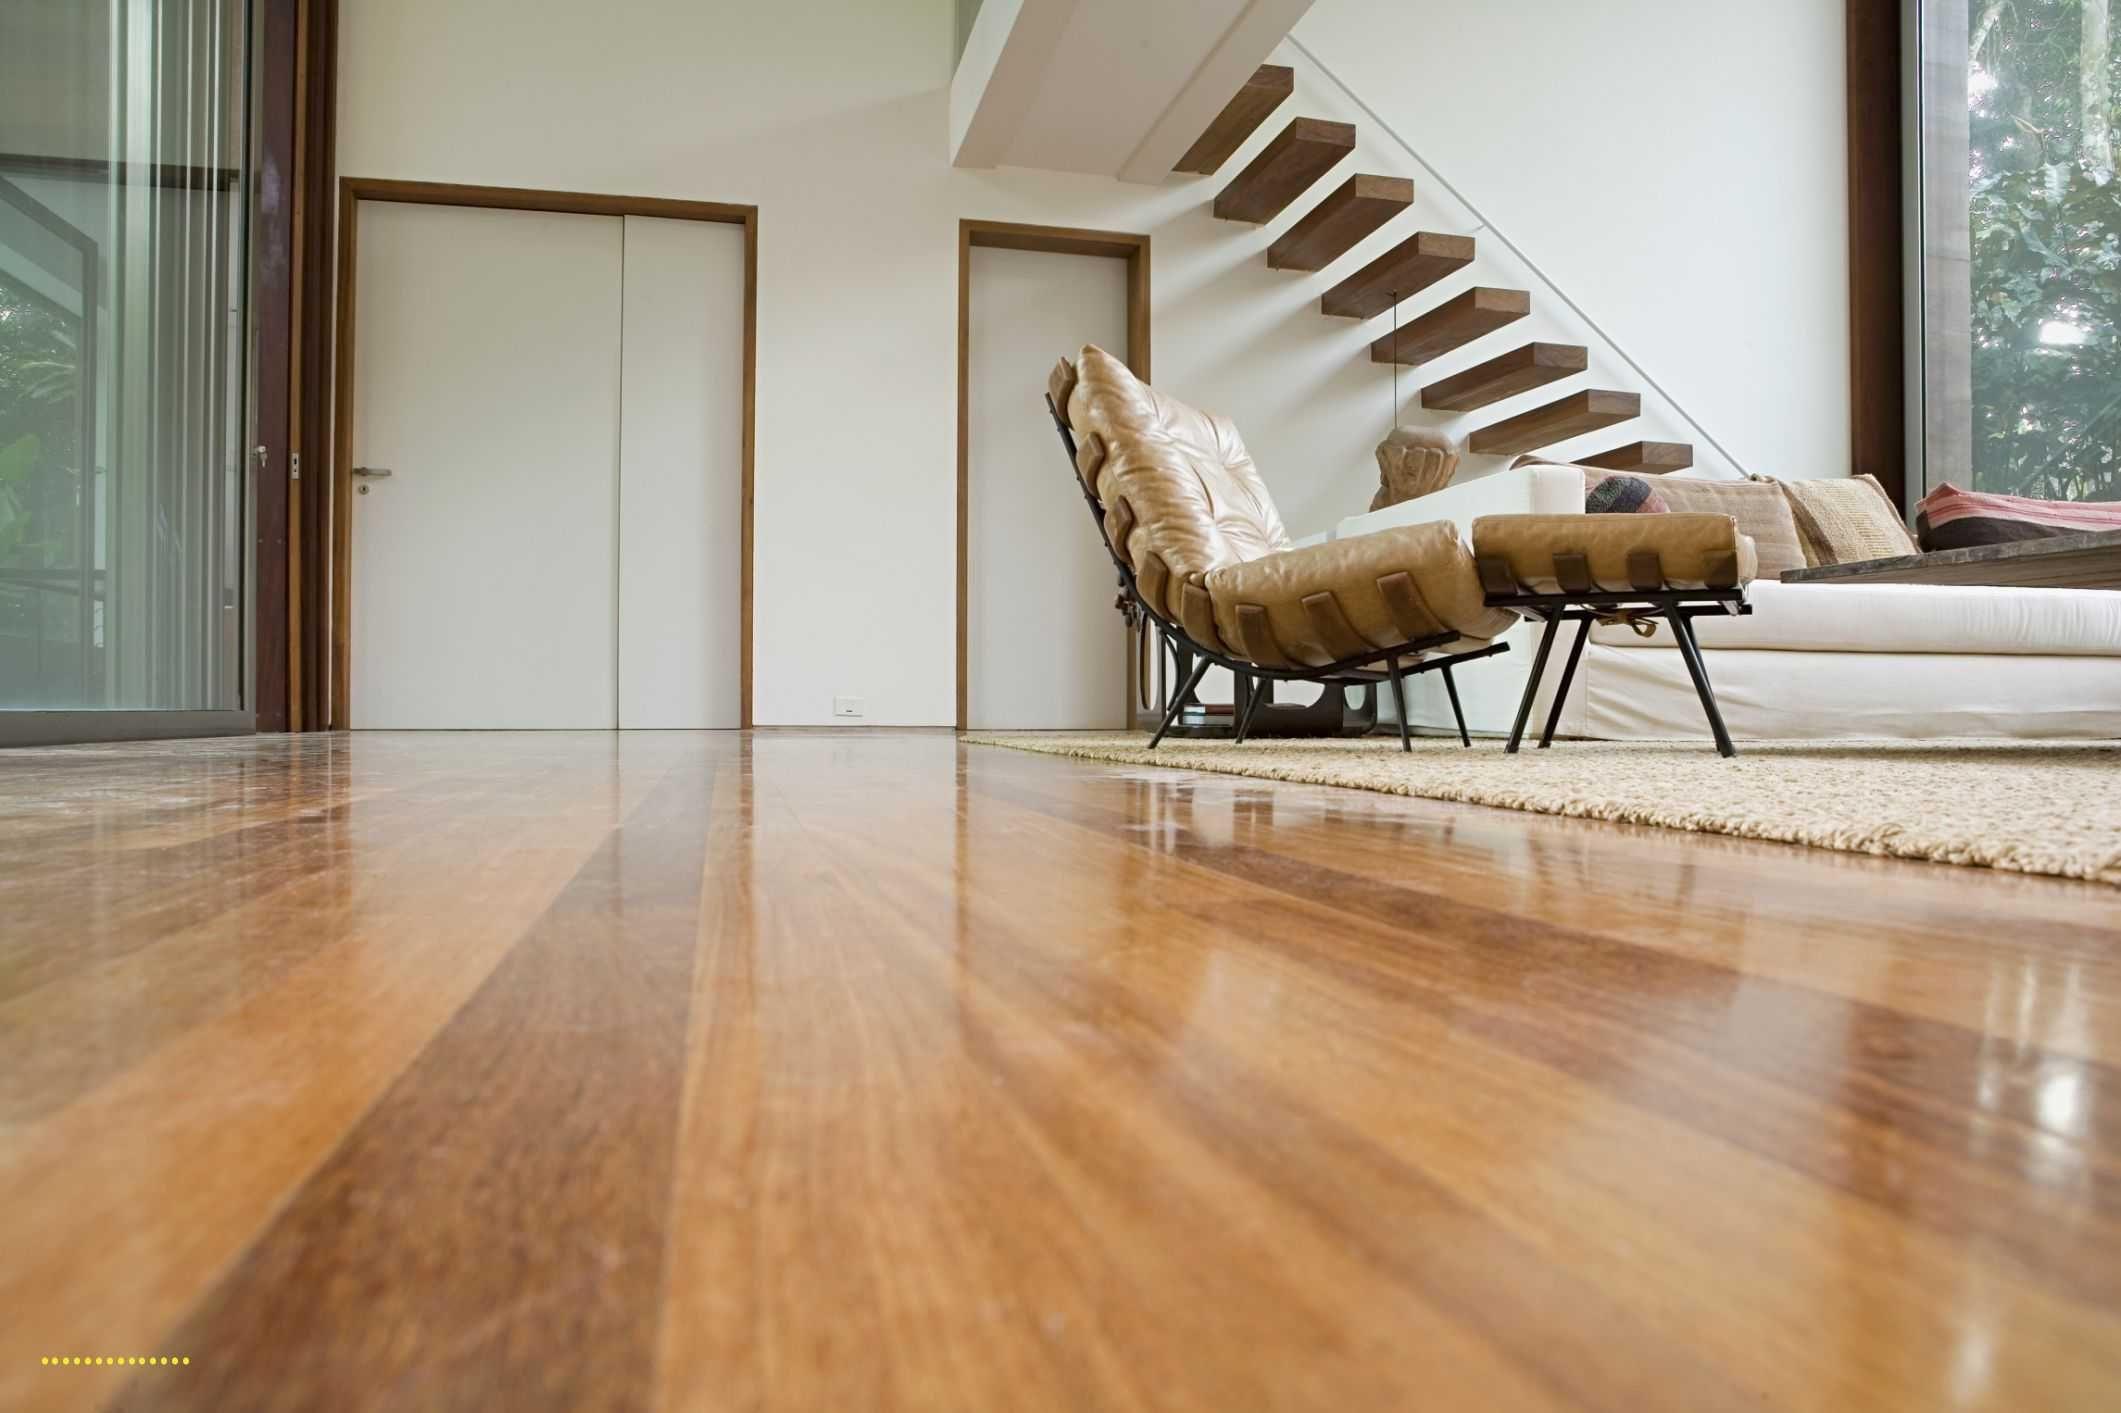 Unique Engineered Hardwood Flooring Vs Laminate https